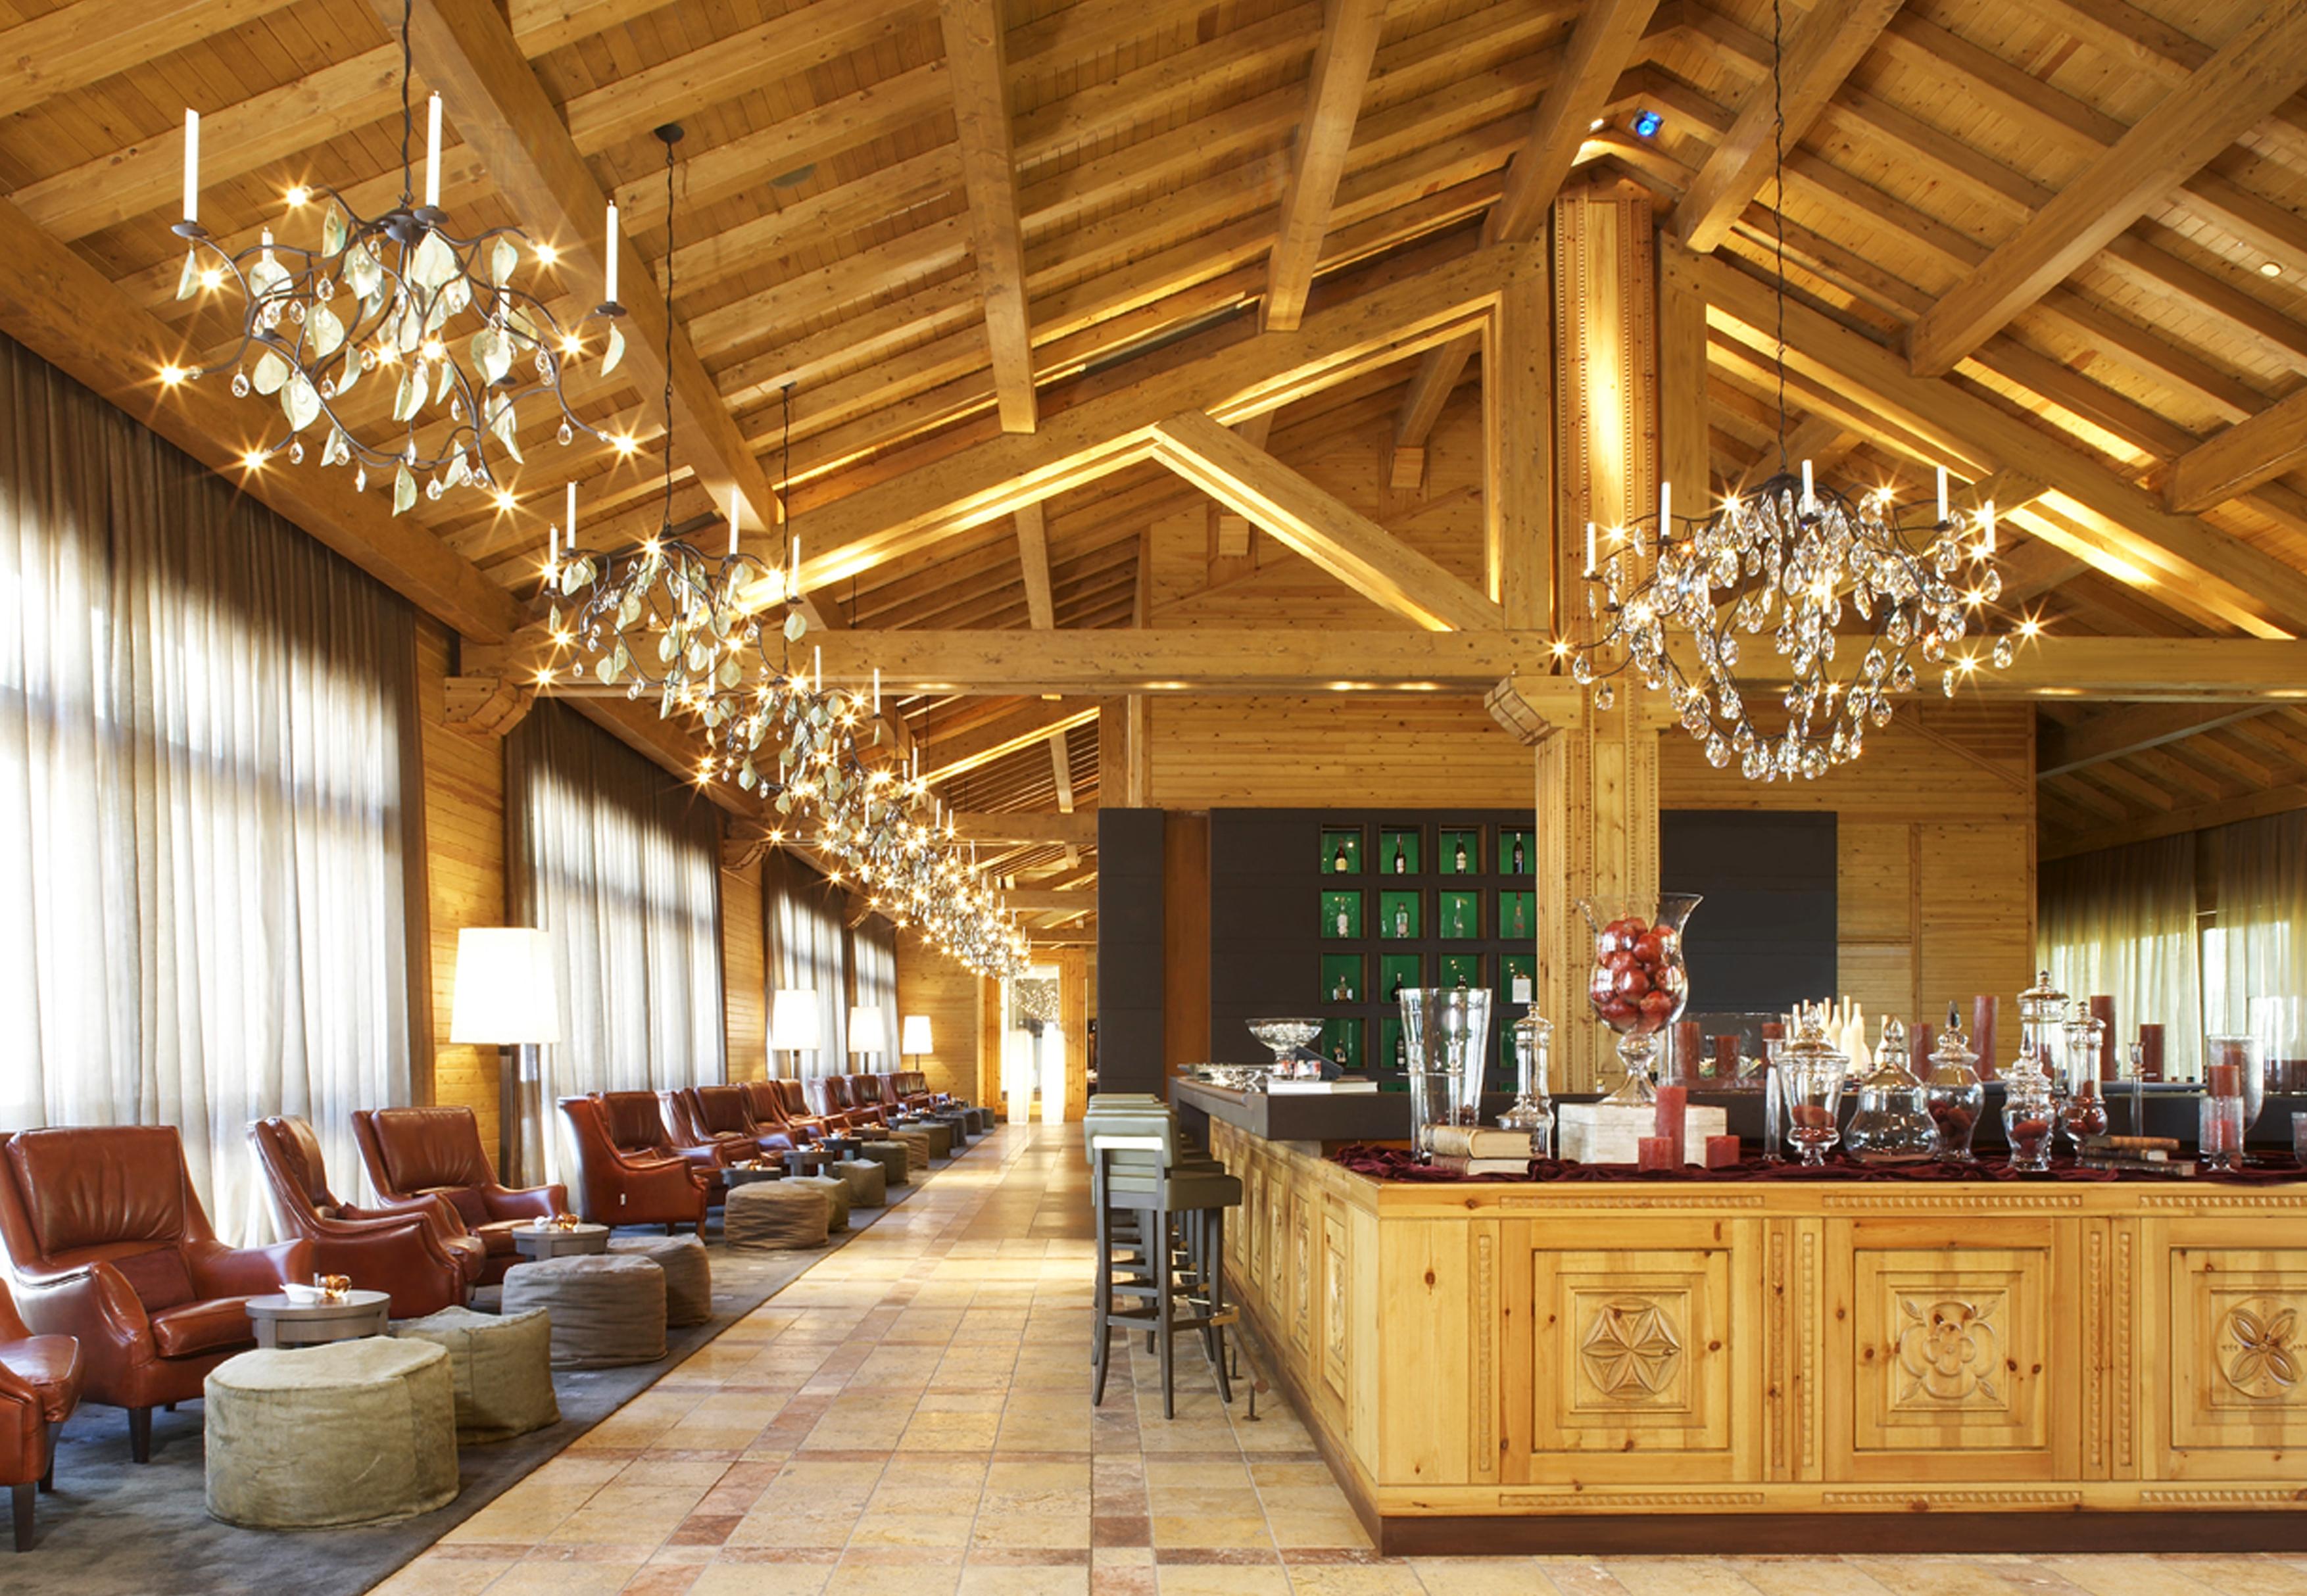 La d couverte du sport h tel hermitage spa luxsure - Hotel de montagne suisse ...